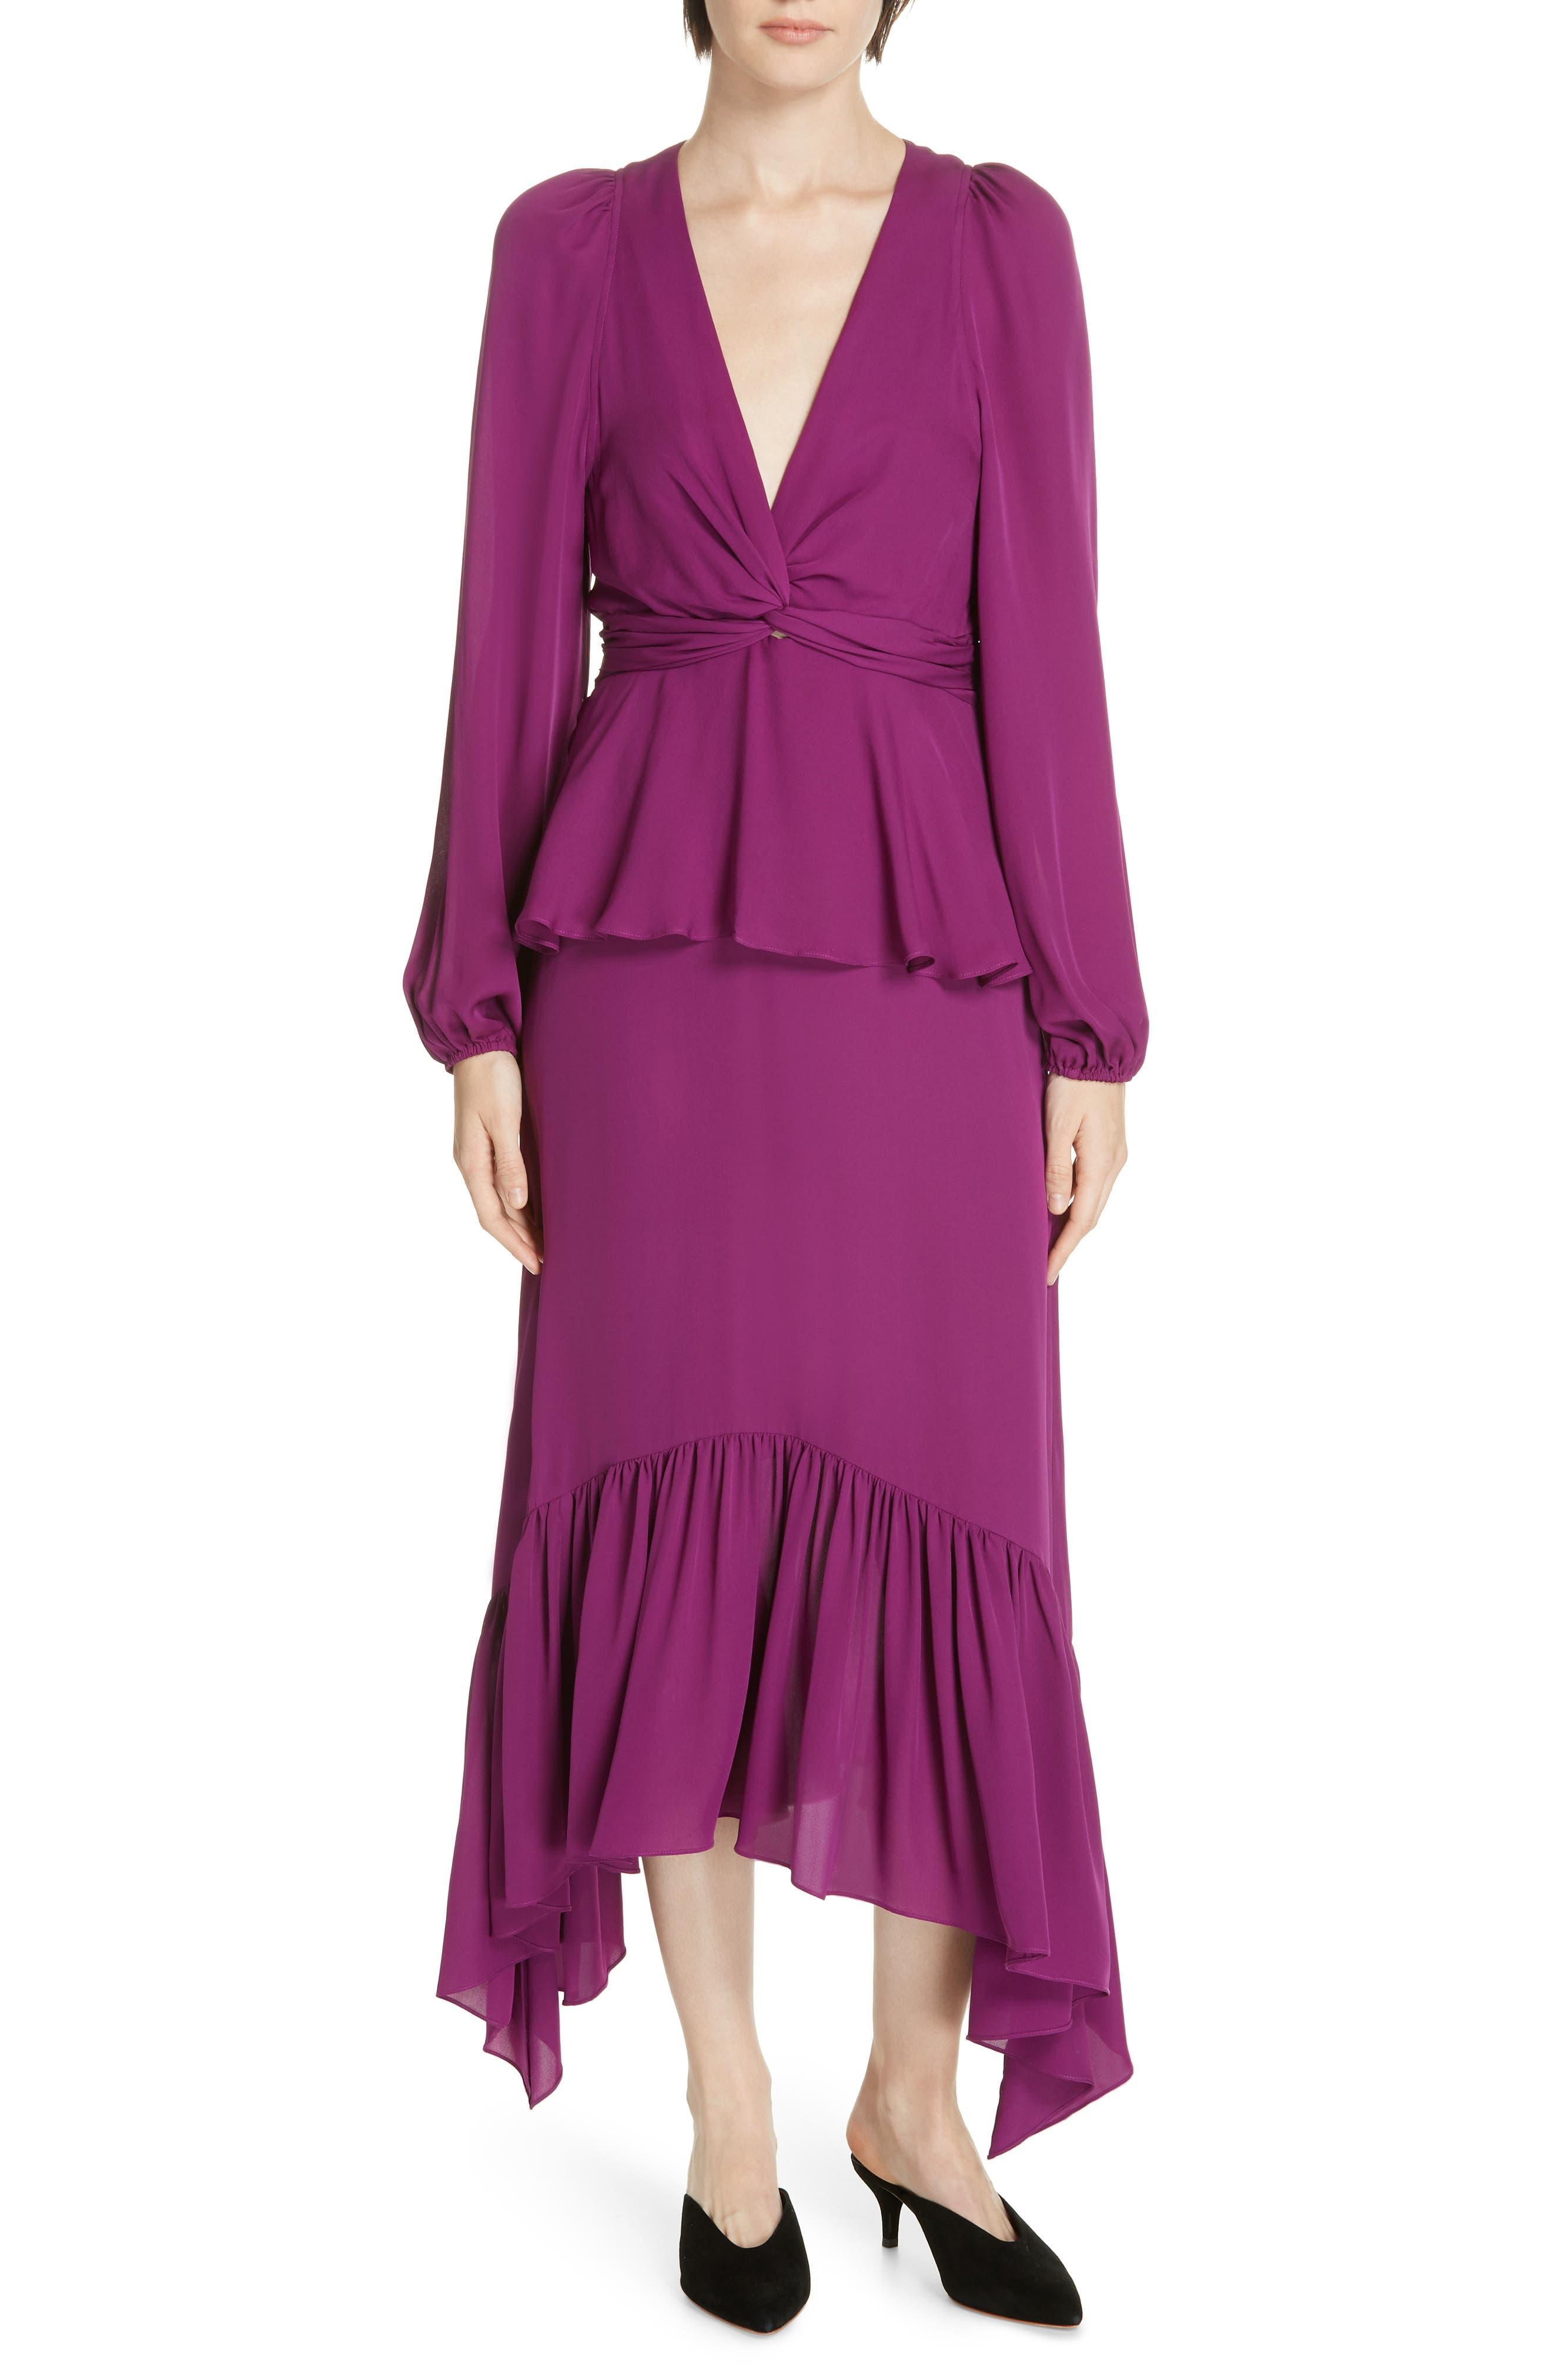 A.l.c. Stanwyck Ruffle Silk Dress